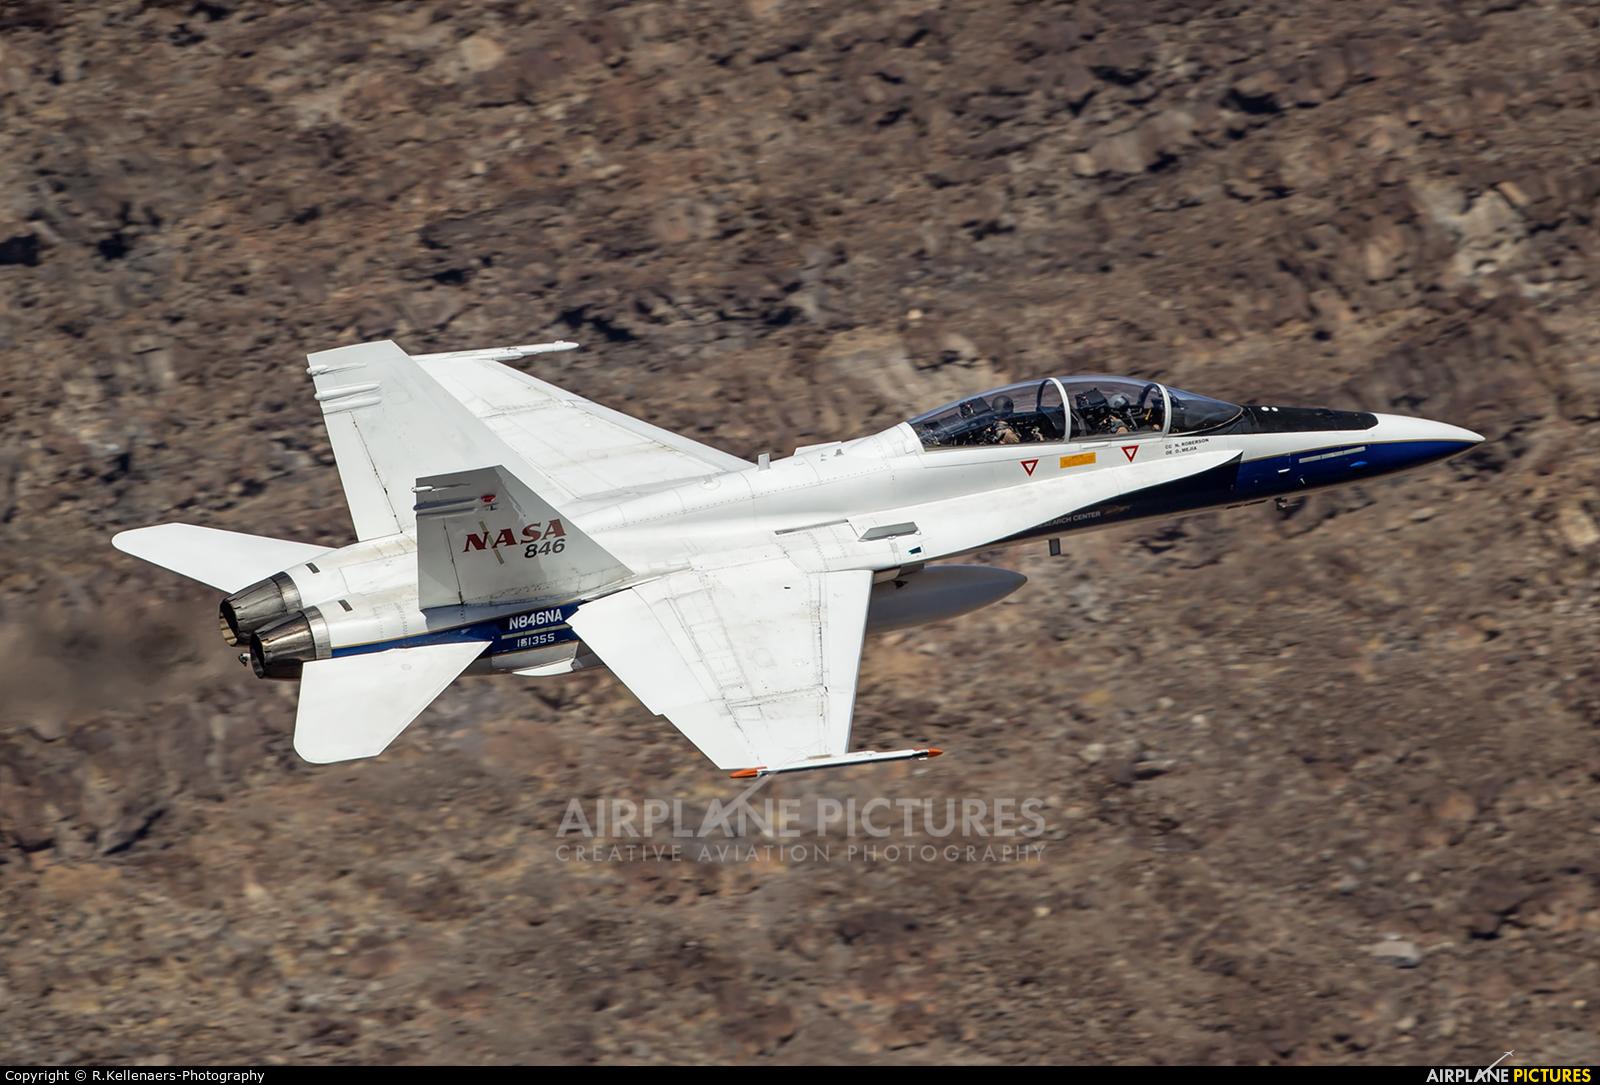 NASA N846NA aircraft at Rainbow Canyon - Off Airport